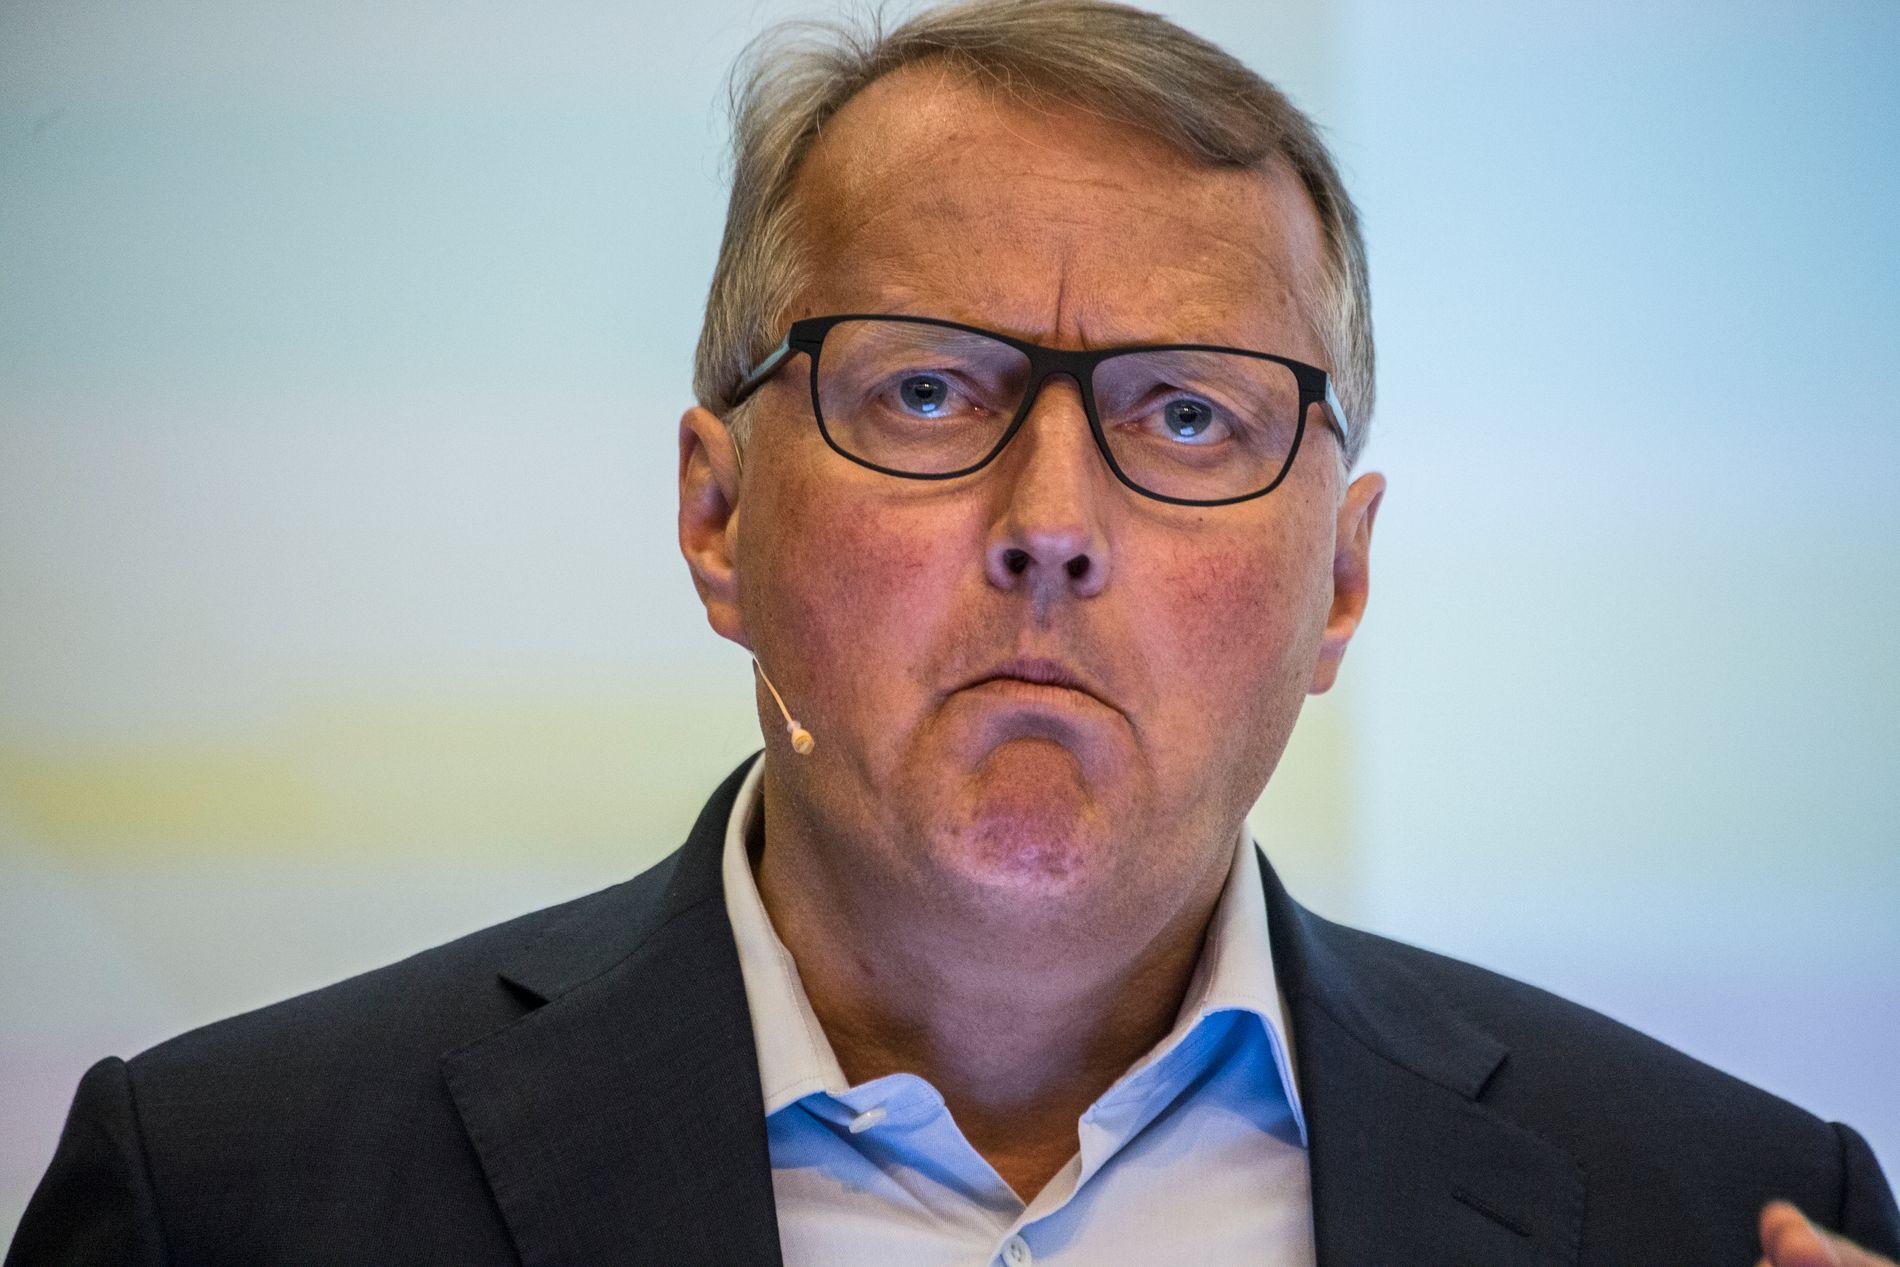 MÅ FORKLARE SEG - IGJEN: Hverken Monica Mæland eller politikerne VG har snakket med er fornøyd med svarene DNB-sjef Rune Bjerke kom med mandag, i forbindelse med redegjørelsen om bankens aktivitet i skatteparadiser.